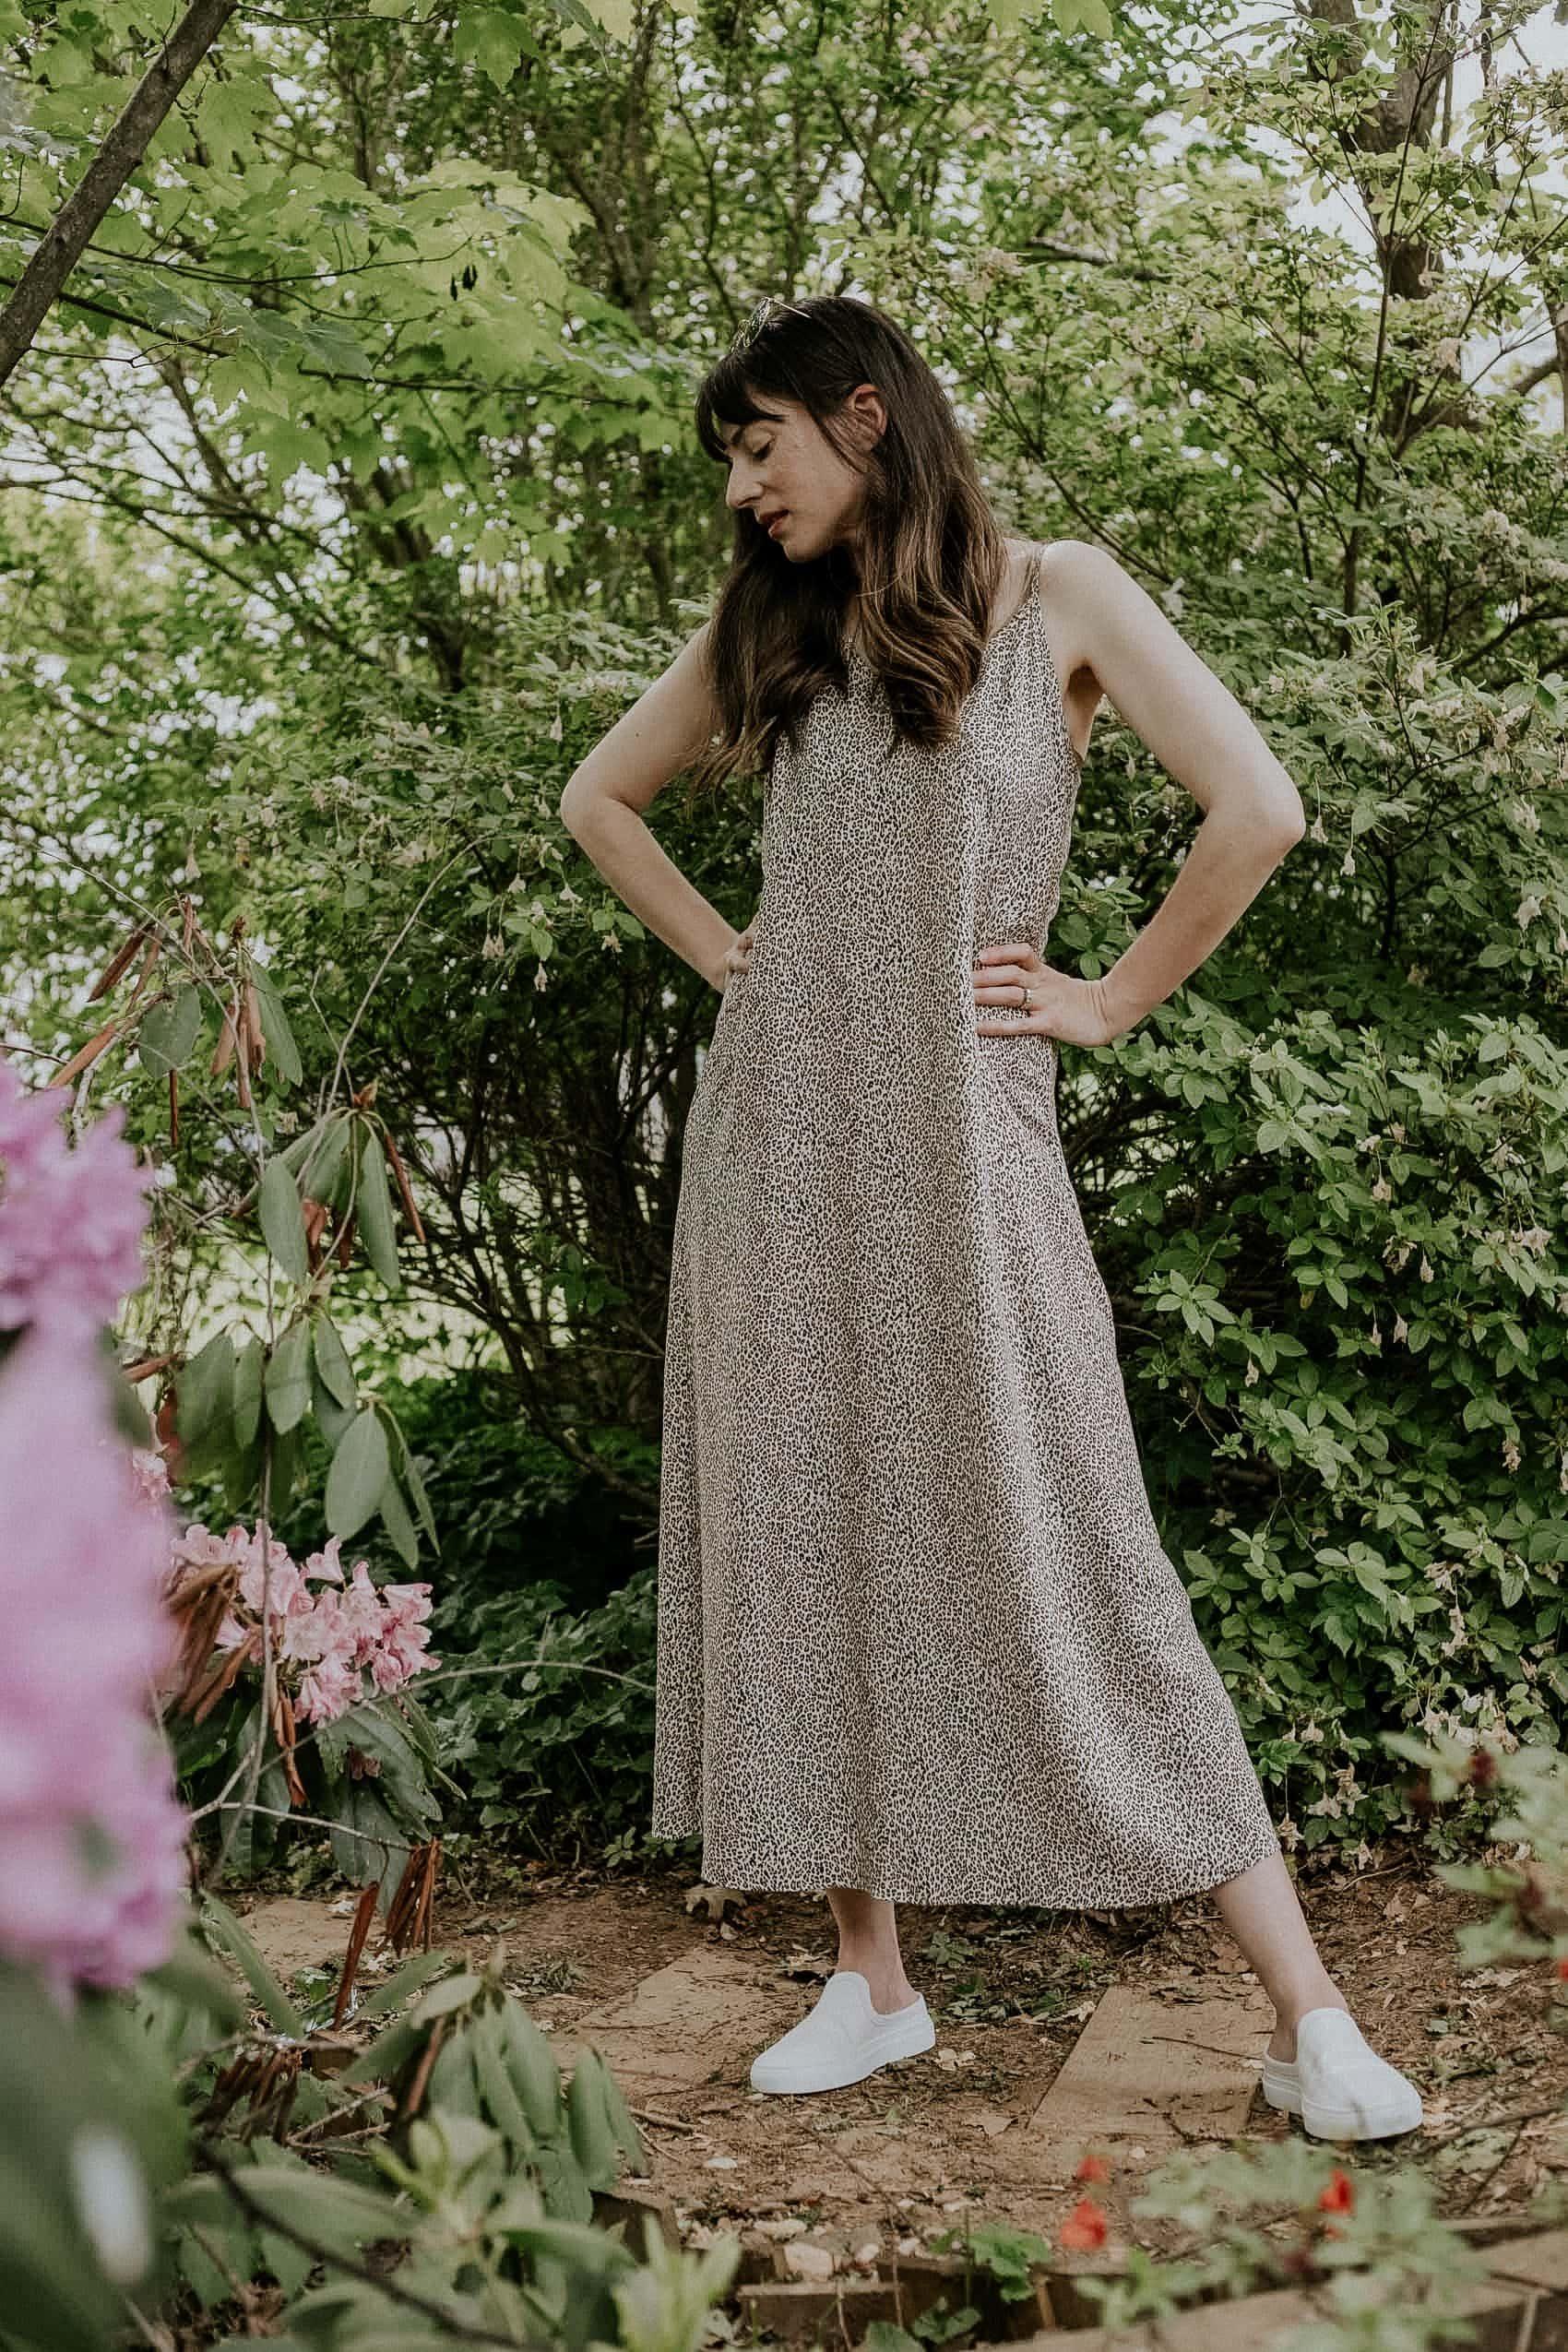 Jenni Kayne Leopard Print Slip Dress on Woman Standing in garden